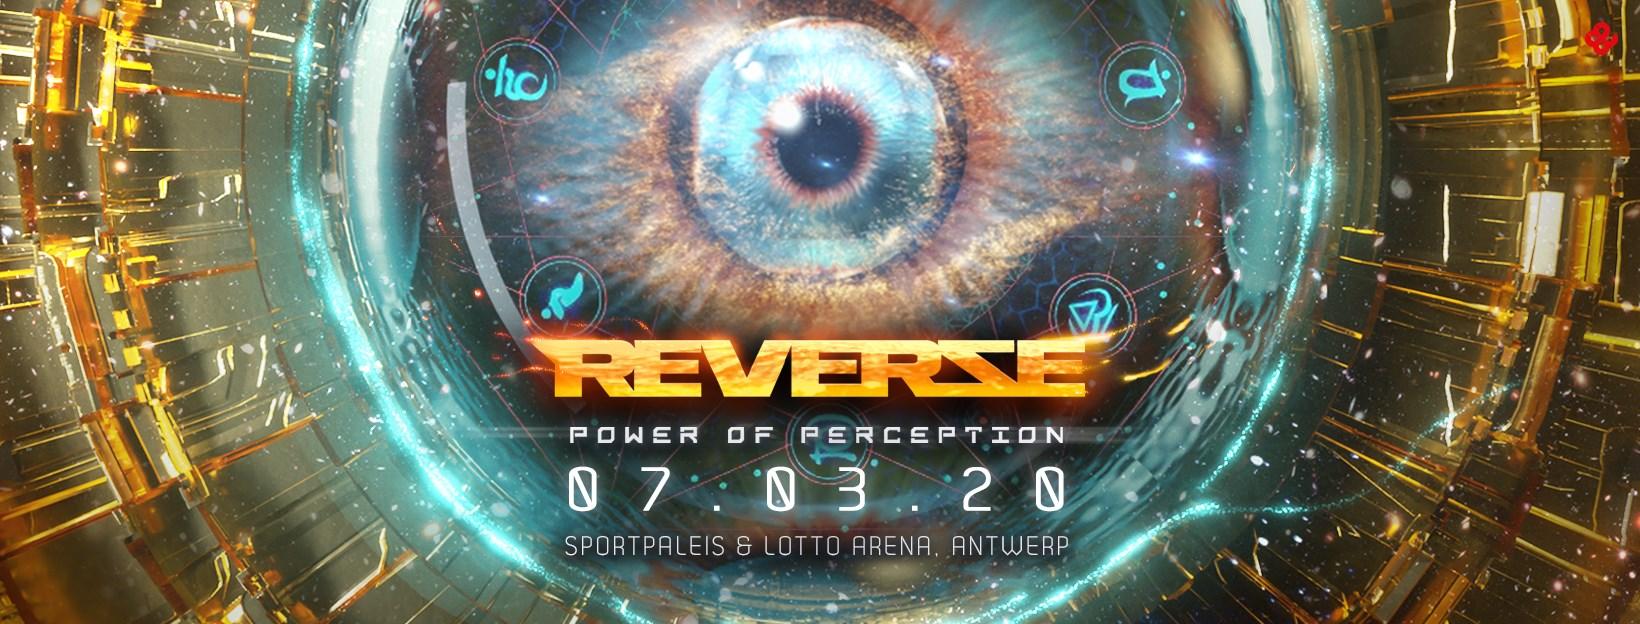 Reverze - 15 YEARS